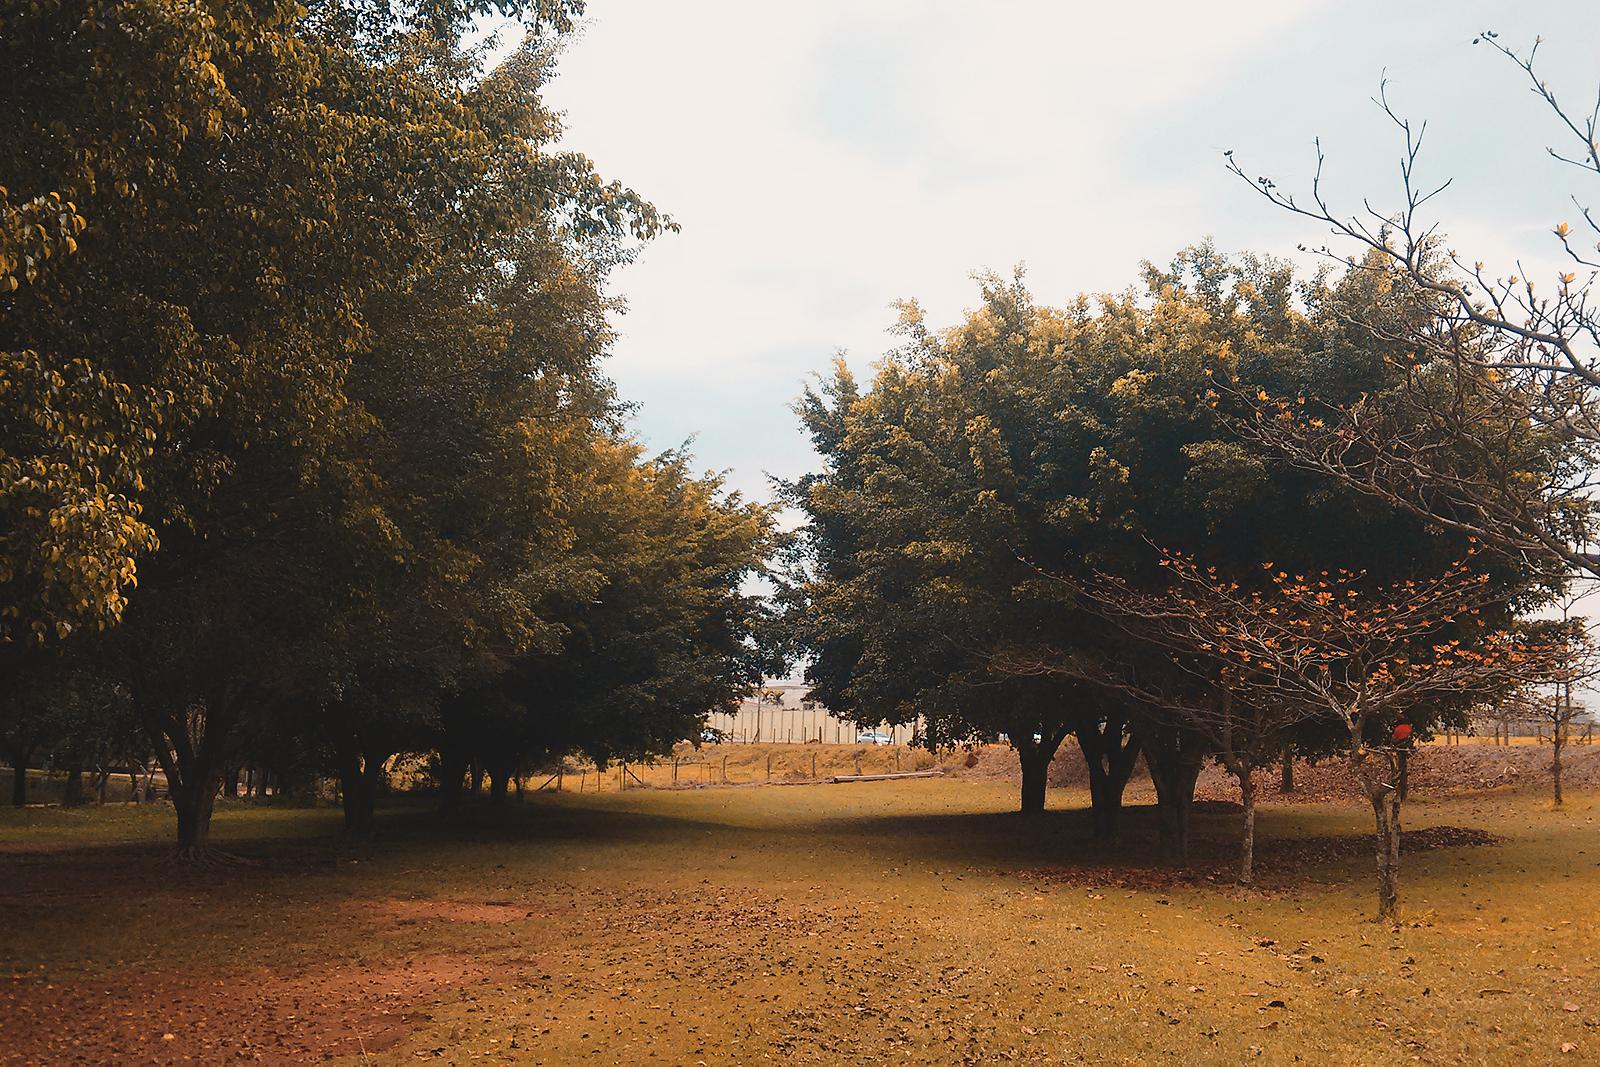 estacionamento cheio de árvores paulínia